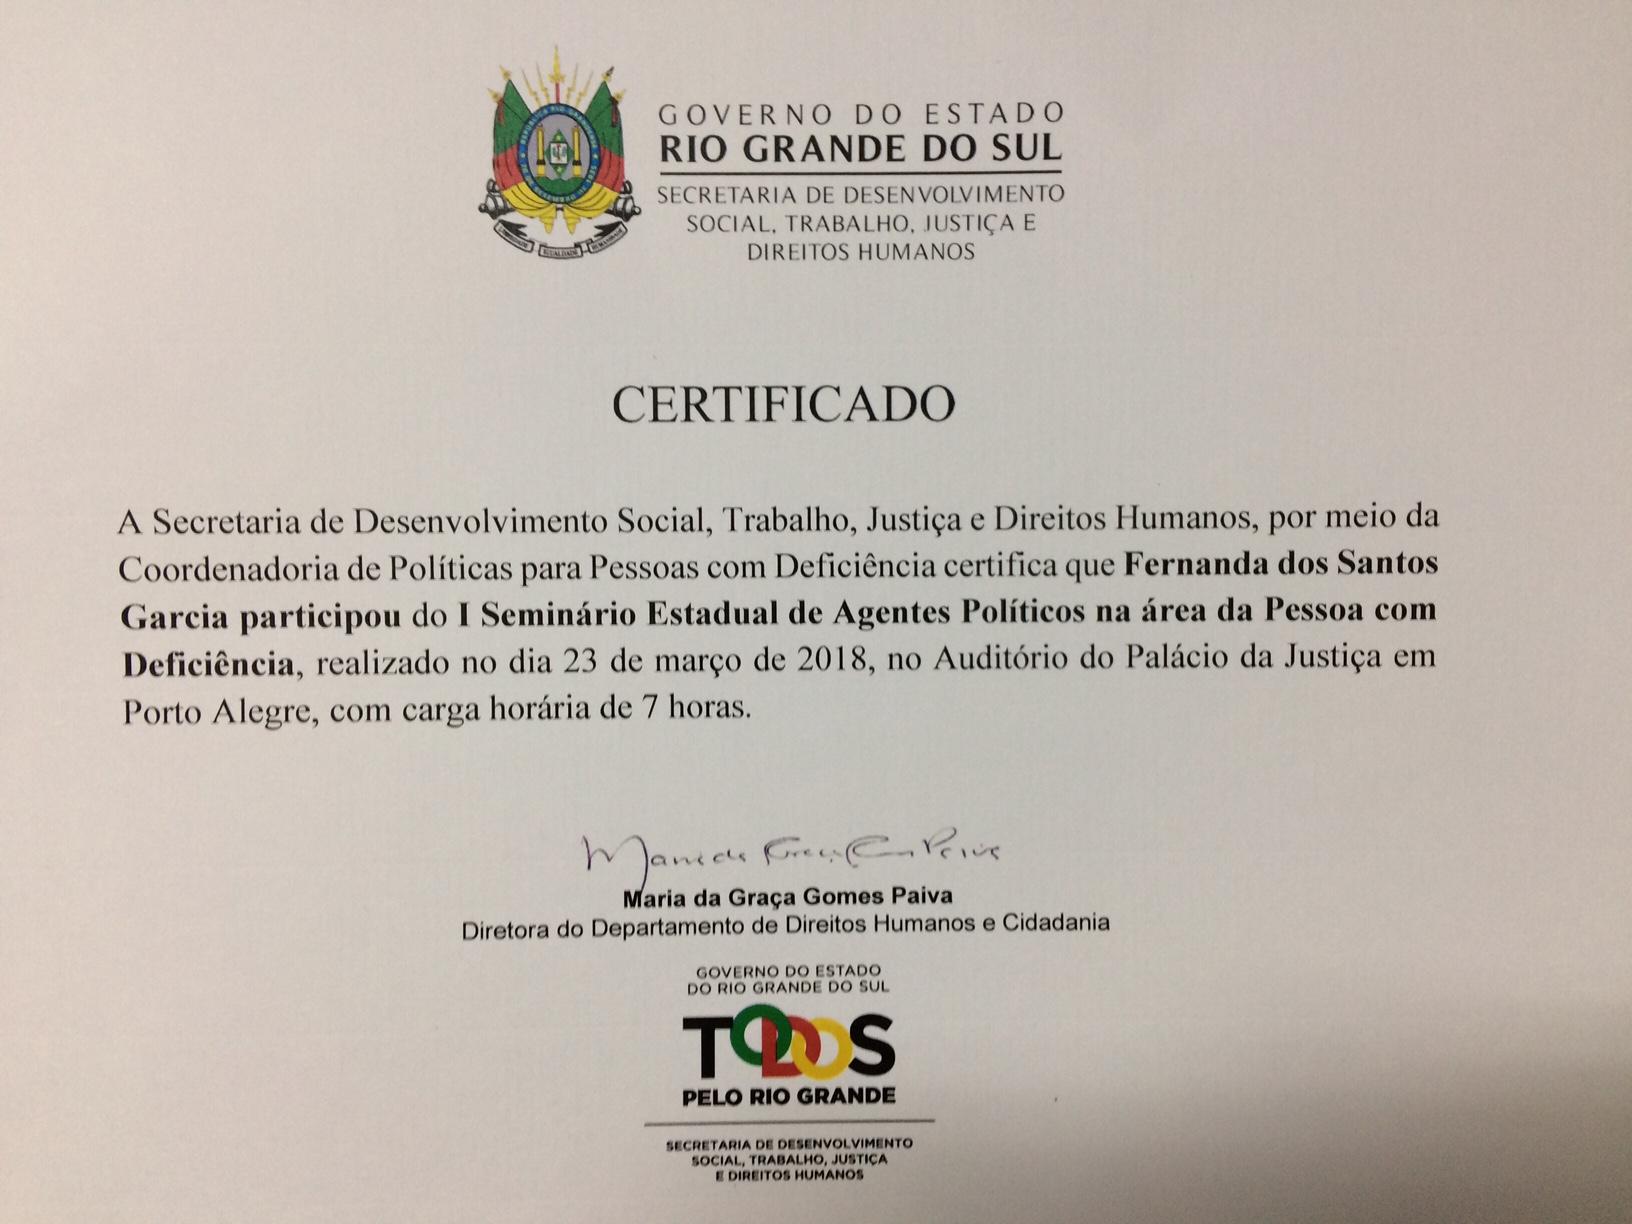 Vereadora Fernanda Garcia participa de Seminário para Agentes Políticos na Área da Pessoa com Deficiência